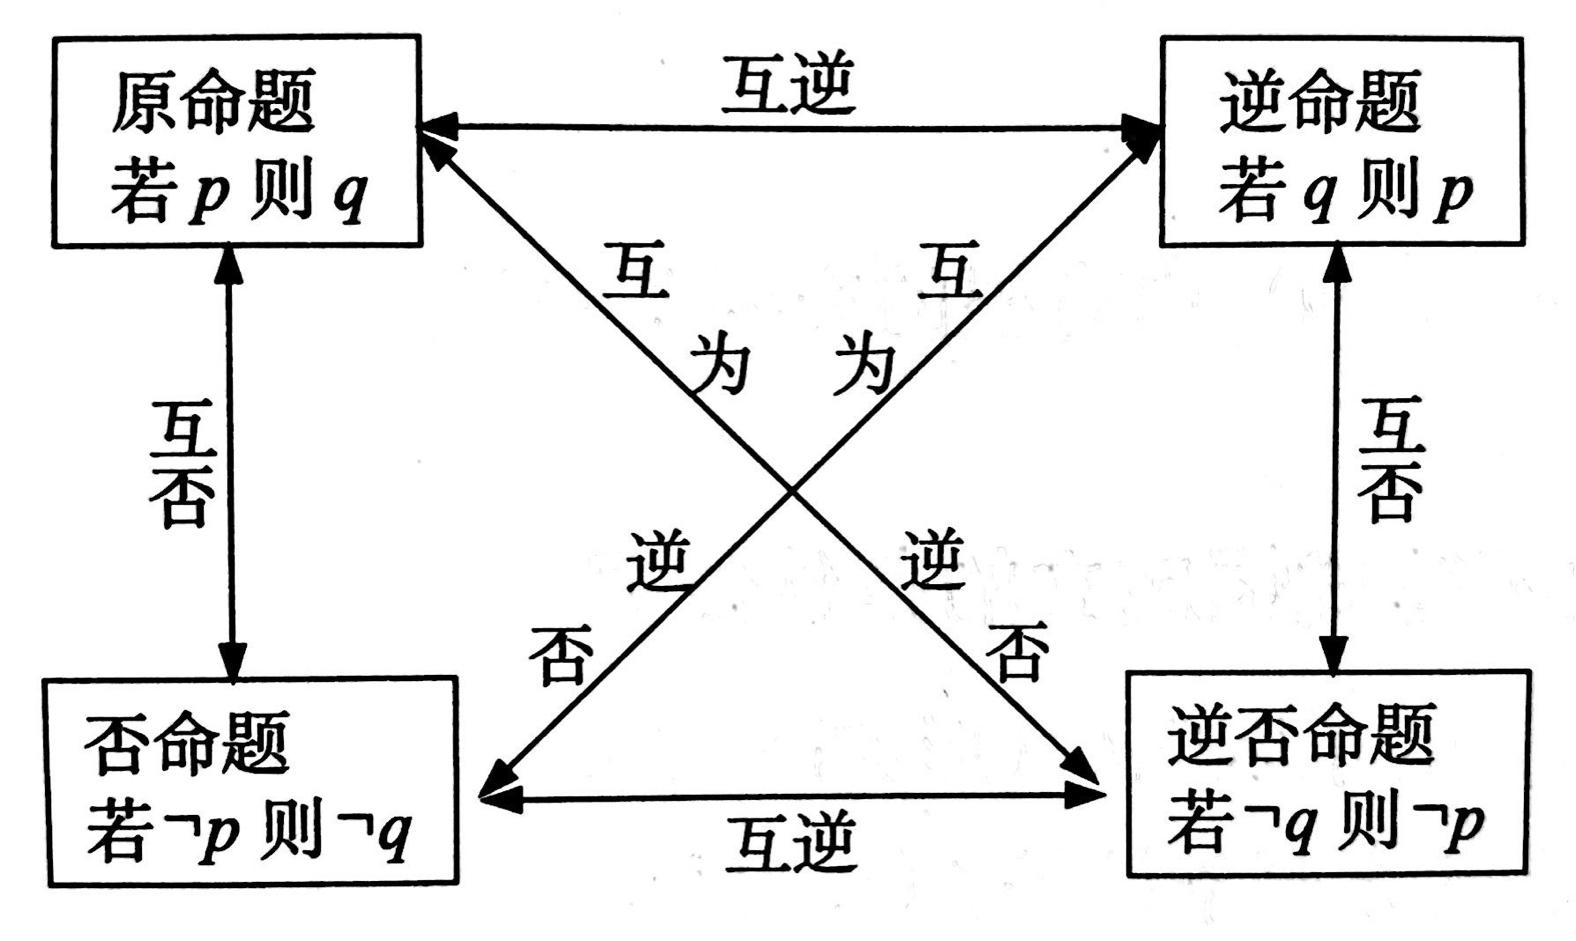 高中数学四种命题的相互关系